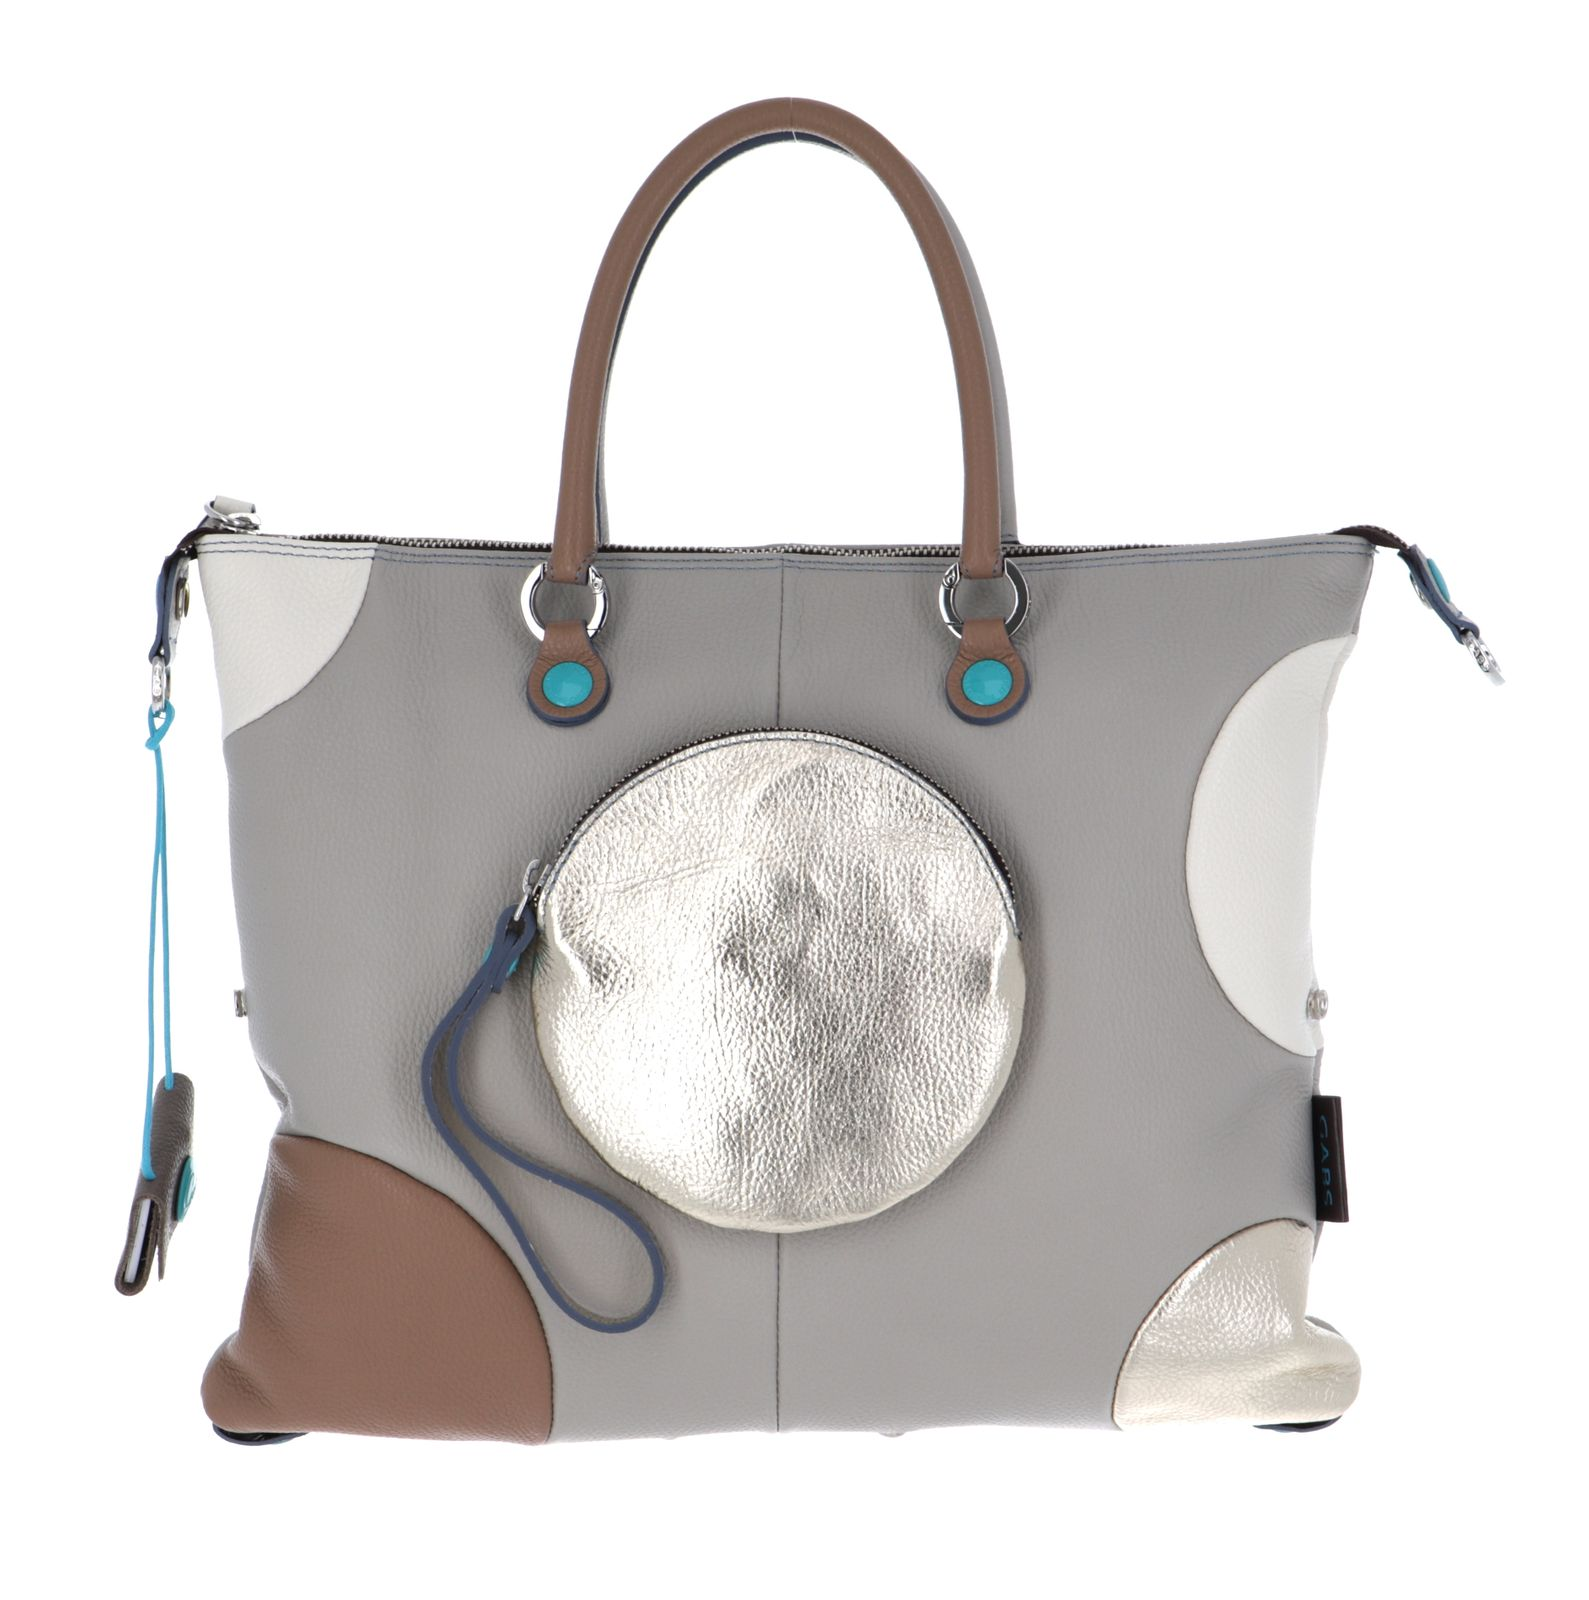 Gabs Convertible Shopping Bag Comb. Zenzero   Buy bags, purses ...